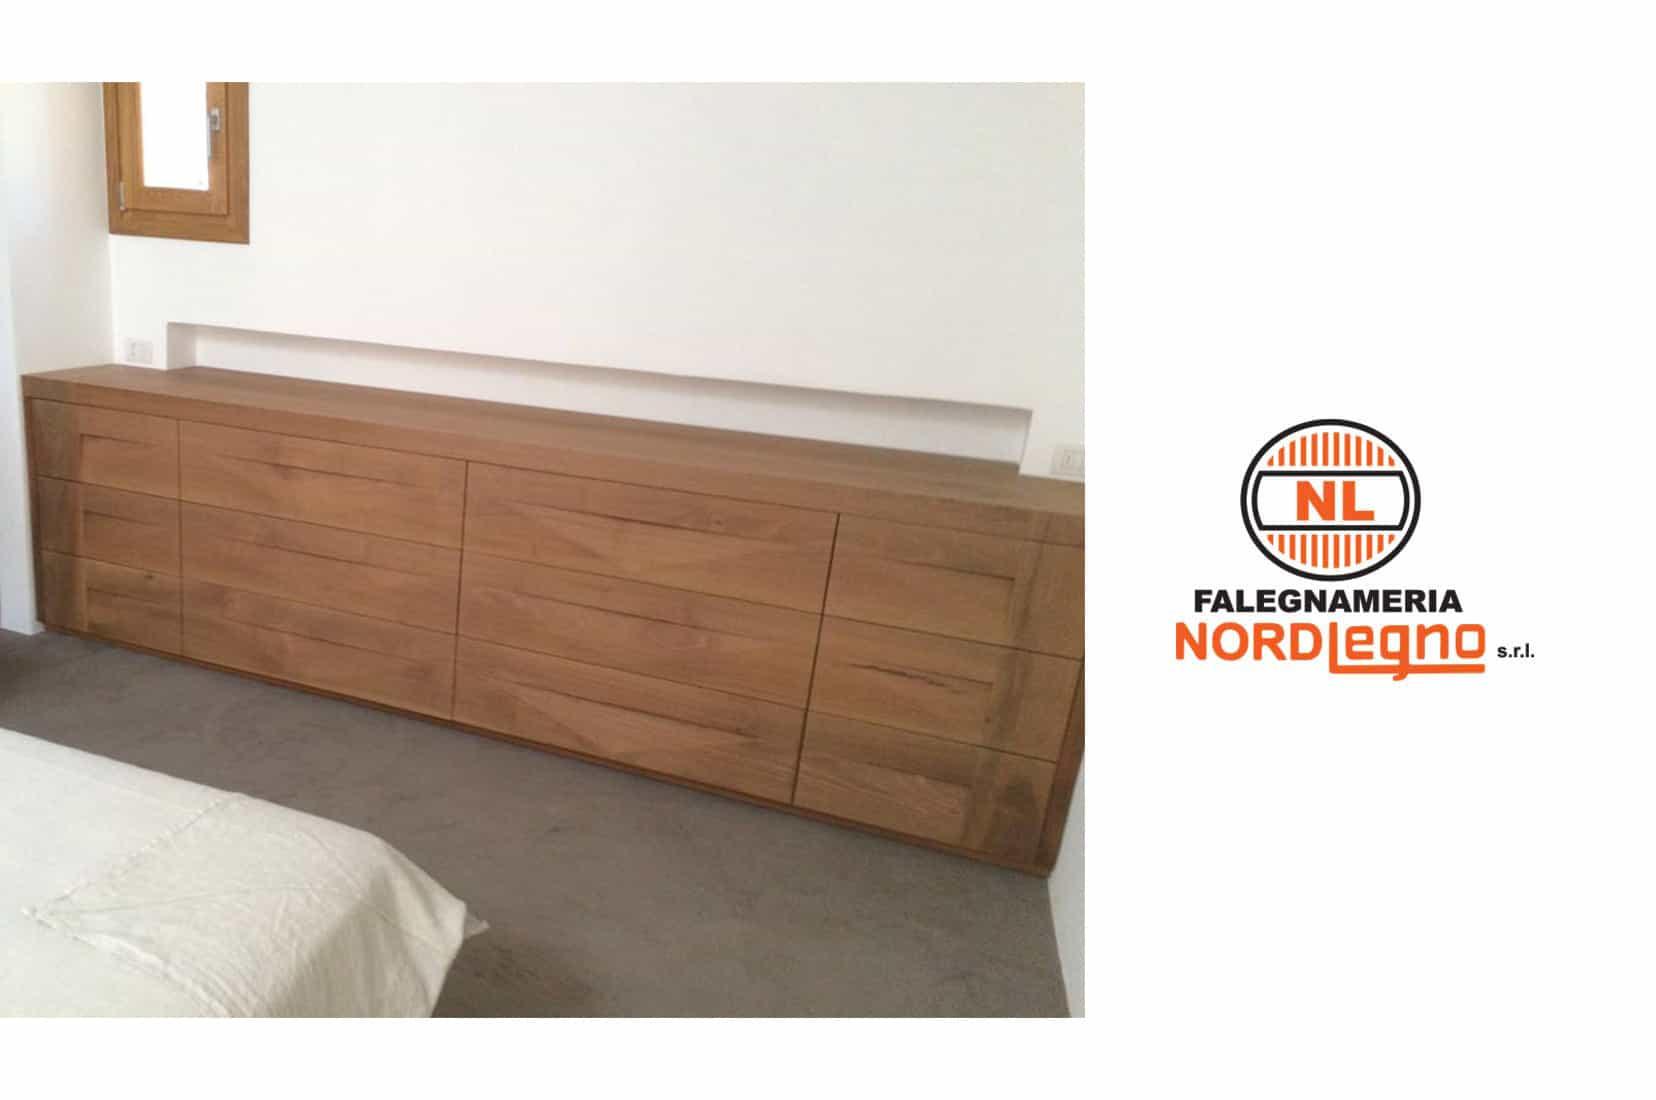 nord-legno-calangianus-cassettiera.jpg